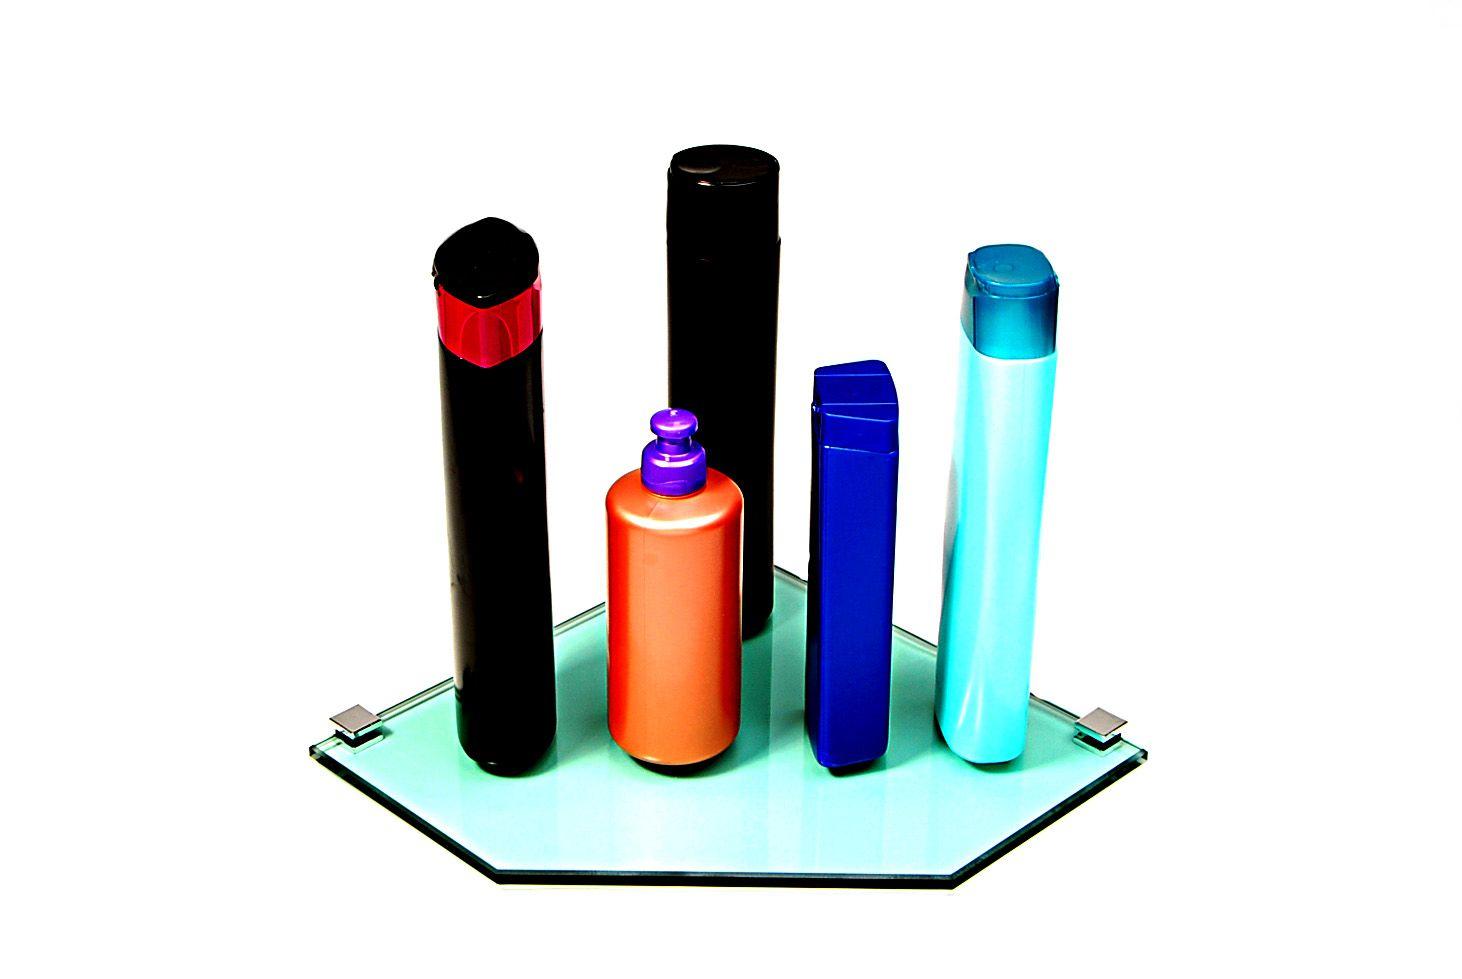 Porta Shampoo de Canto Reto em Vidro Verde Lapidado - Aquabox  - 25cmx25cmx8mm